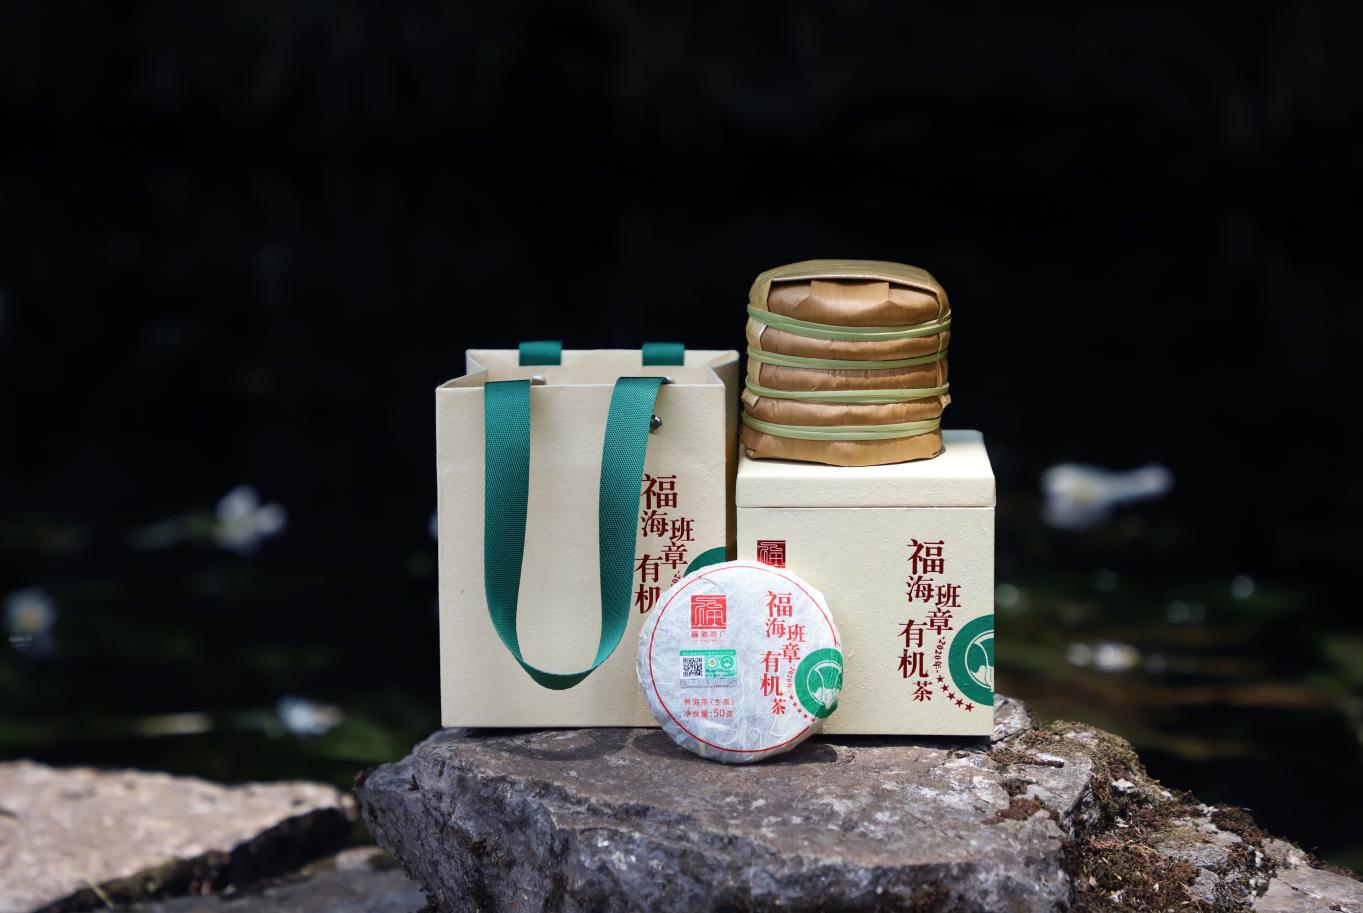 福海勐海县福海茶厂_2020福海班章有机茶 - 勐海县福海茶厂官方网站